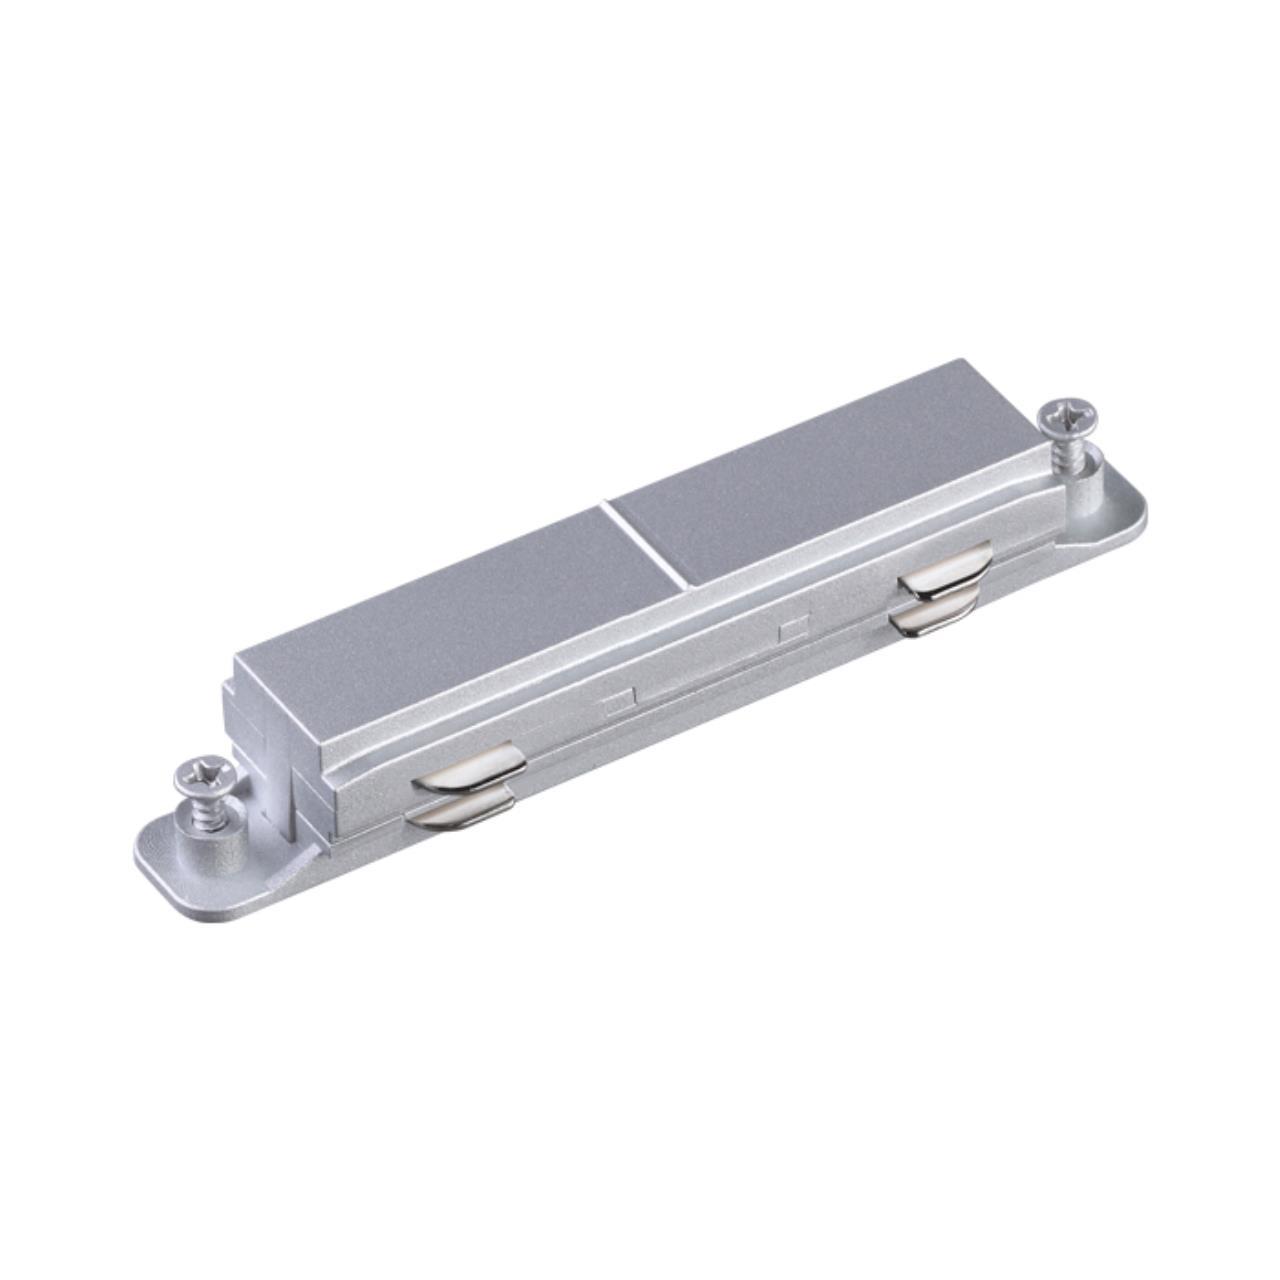 135082 PORT NT19 016 серебро Соединитель внутренний с токопроводом для однофазного шинопровода IP20